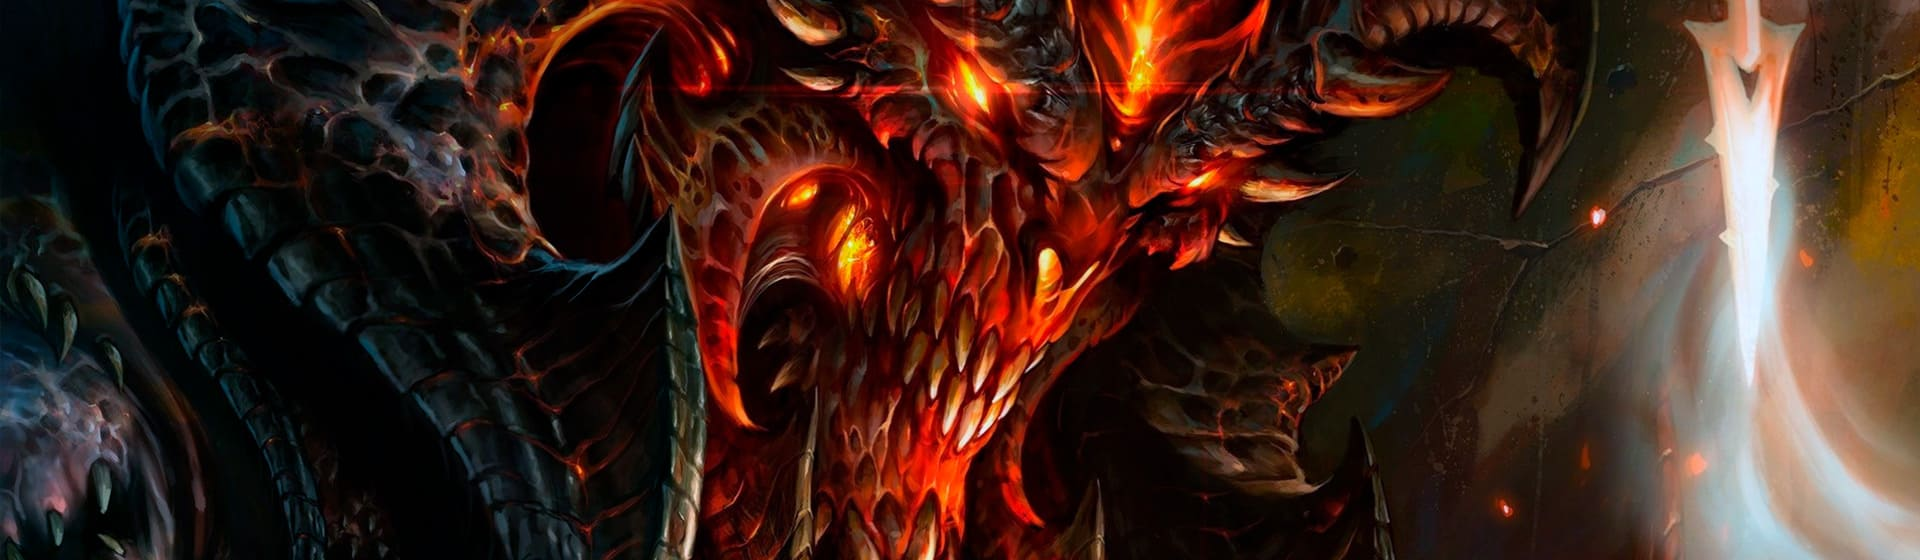 Diablo - Мерч и одежда с атрибутикой